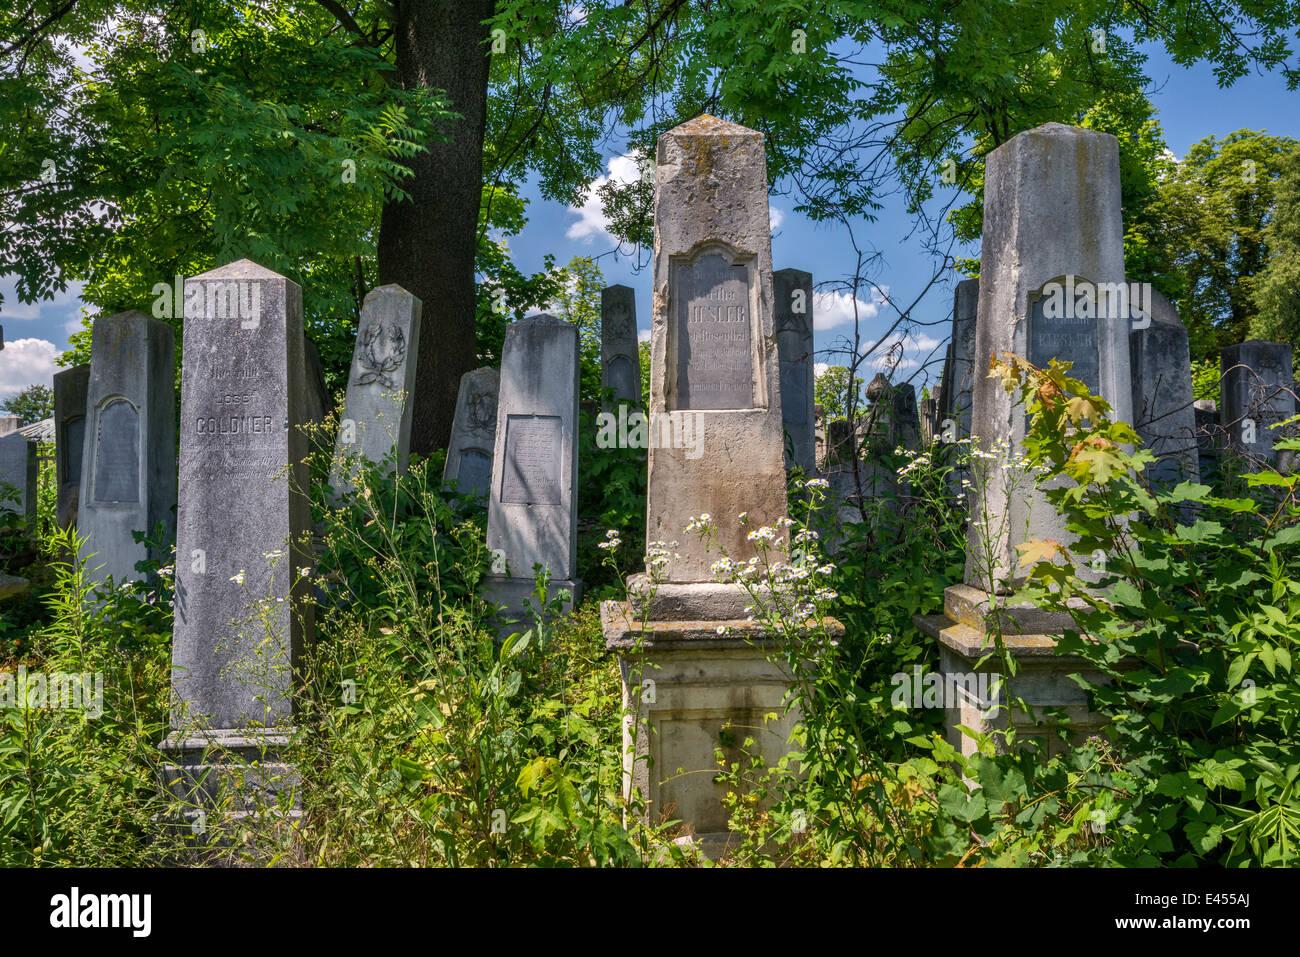 Headstones at Jewish Cemetery, Chernivtsi, Bukovina Region, Ukraine - Stock Image